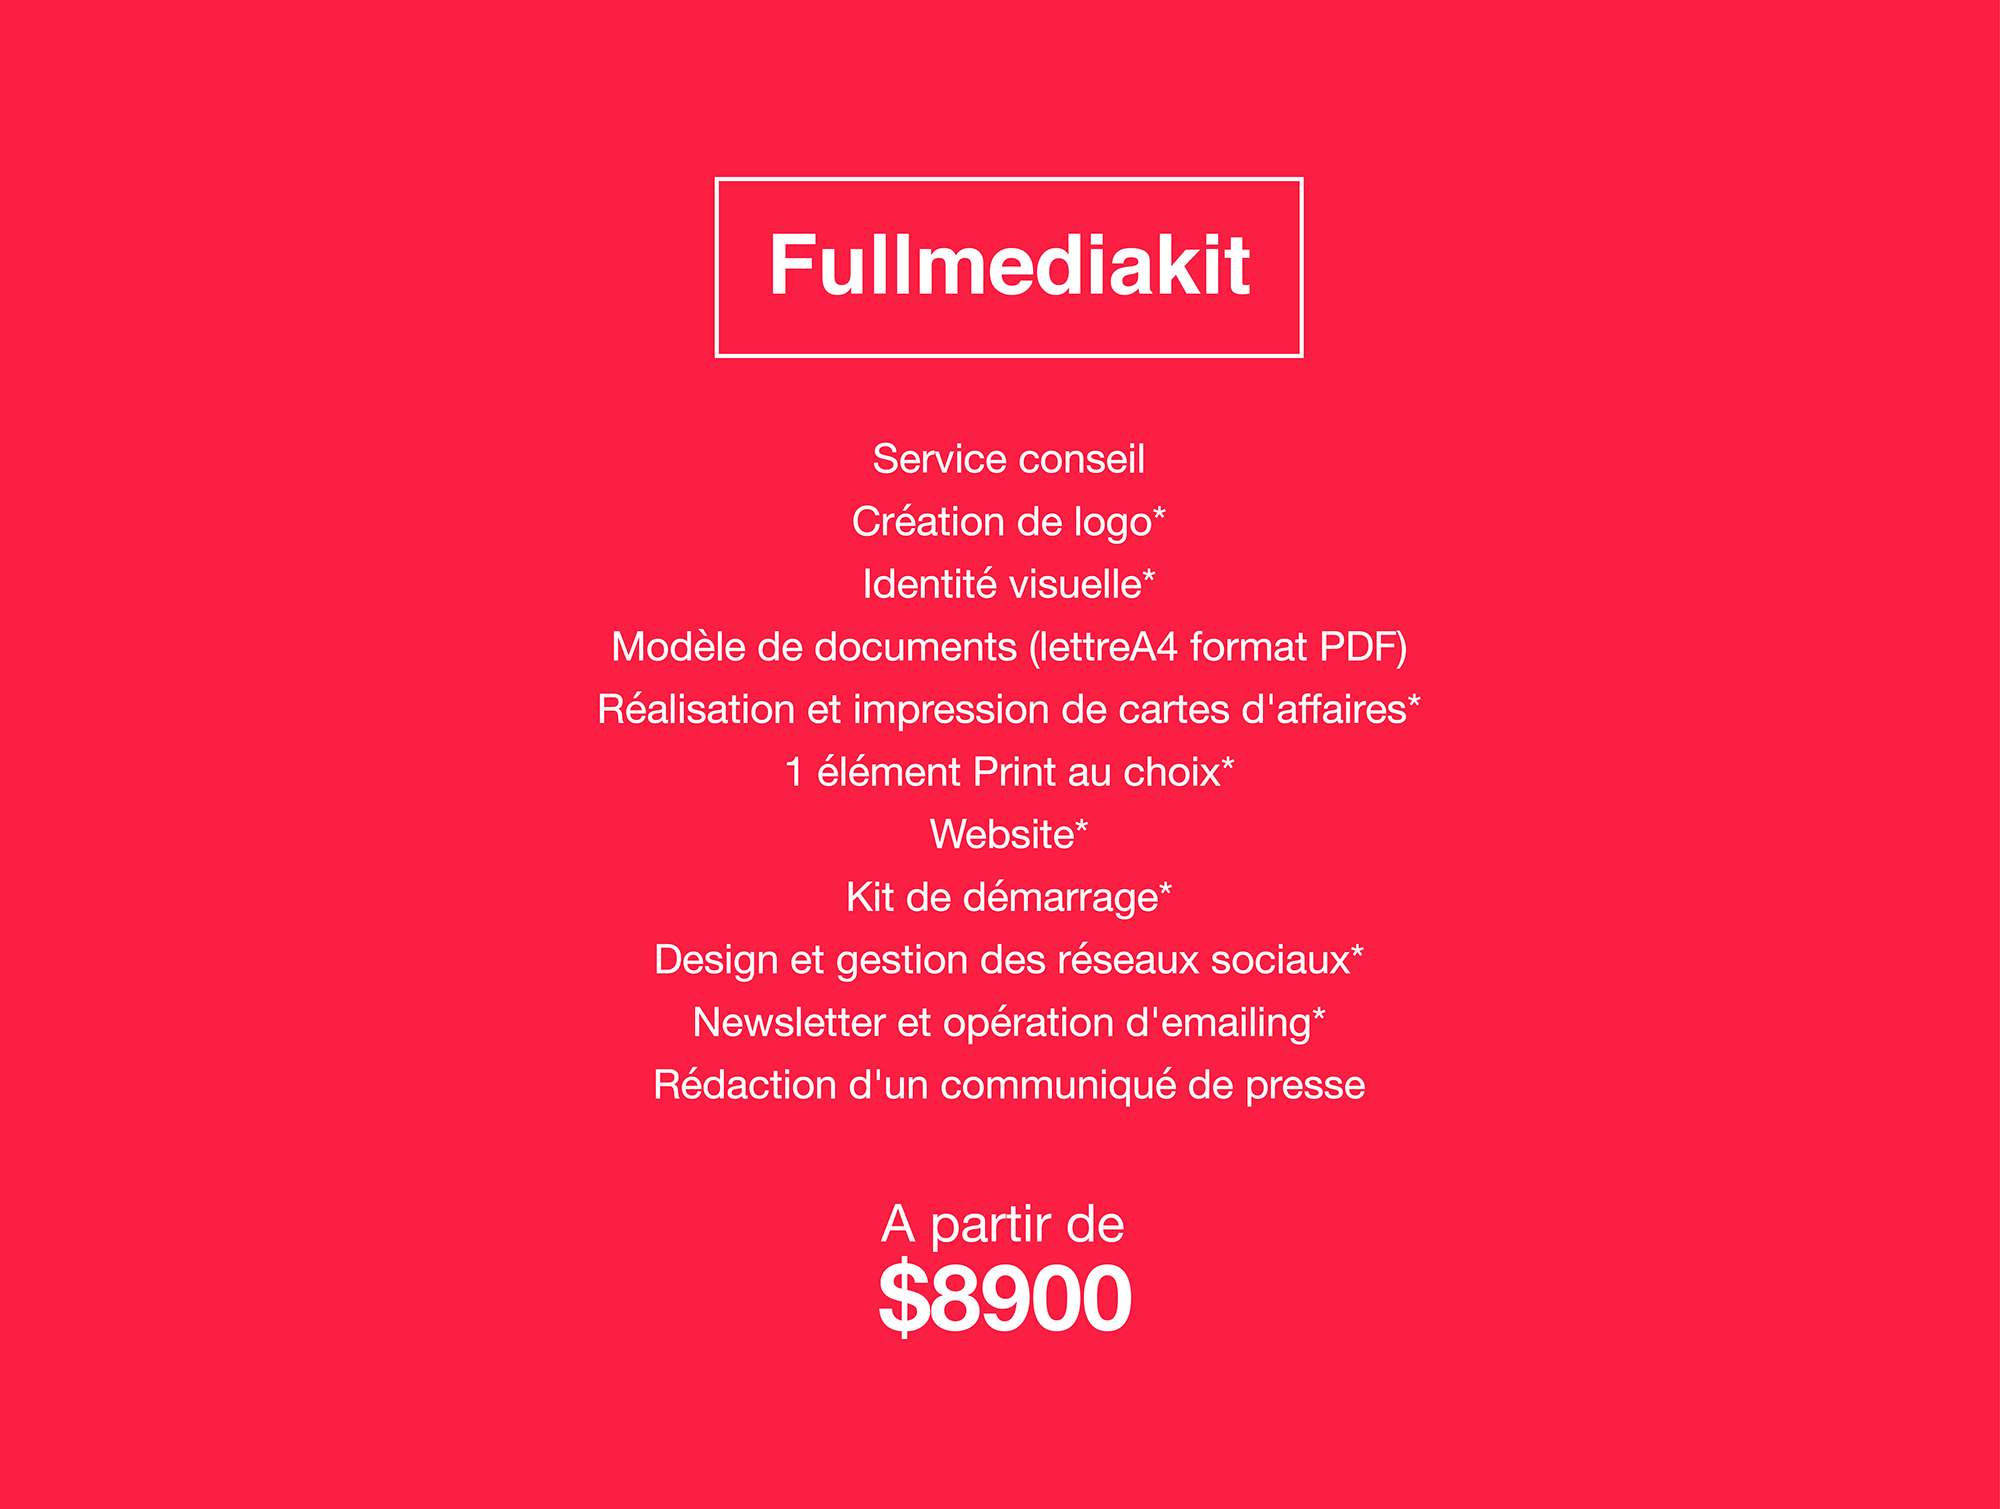 Fullmediakit_Color_2000x1000.png